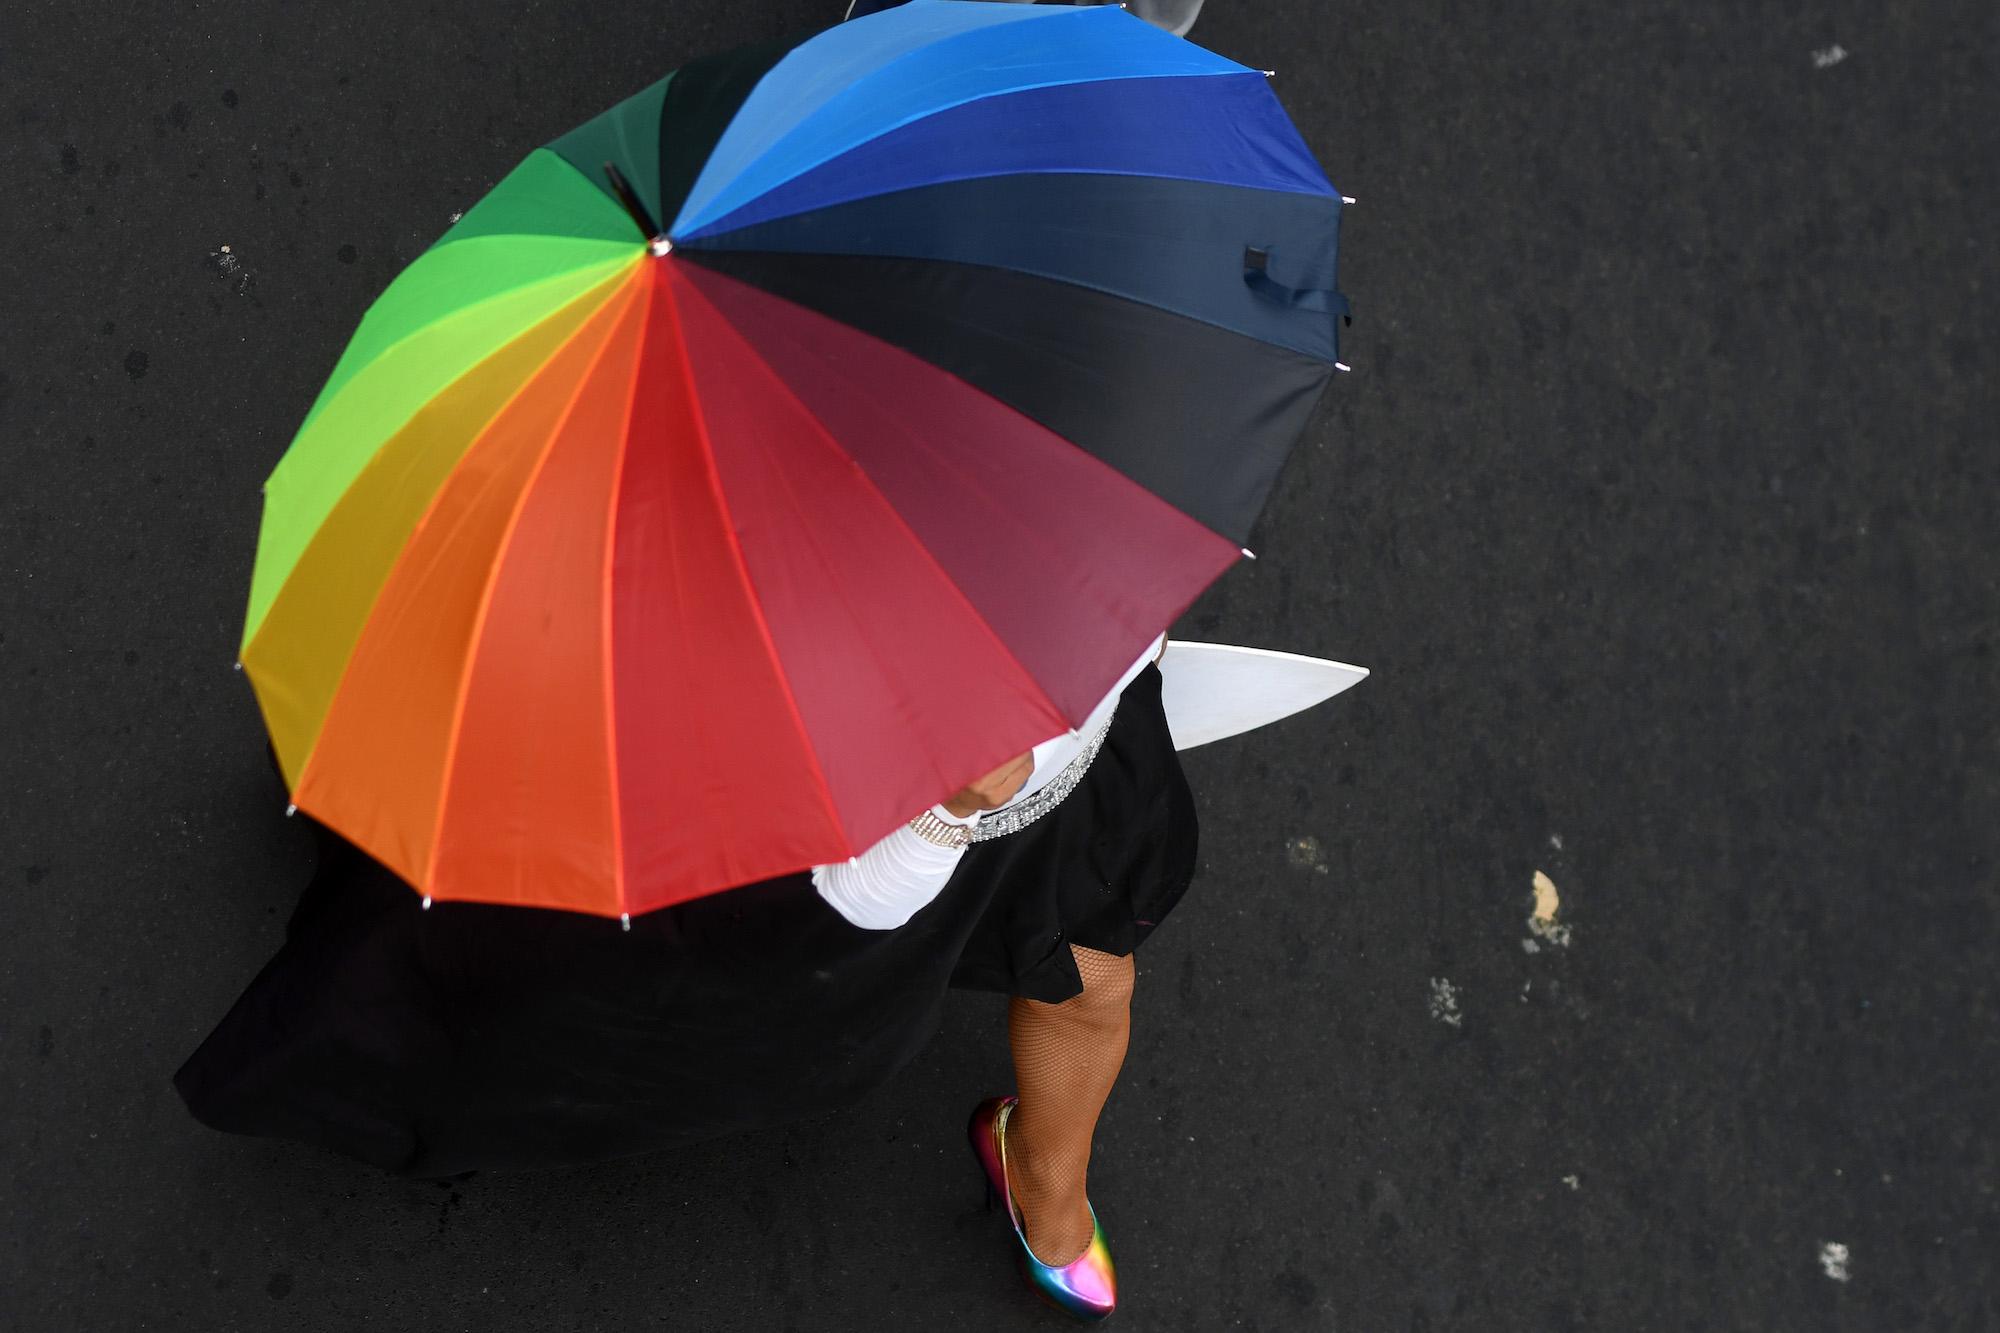 Giornata mondiale contro l'omofobia, perché si festeggia oggi - Wired